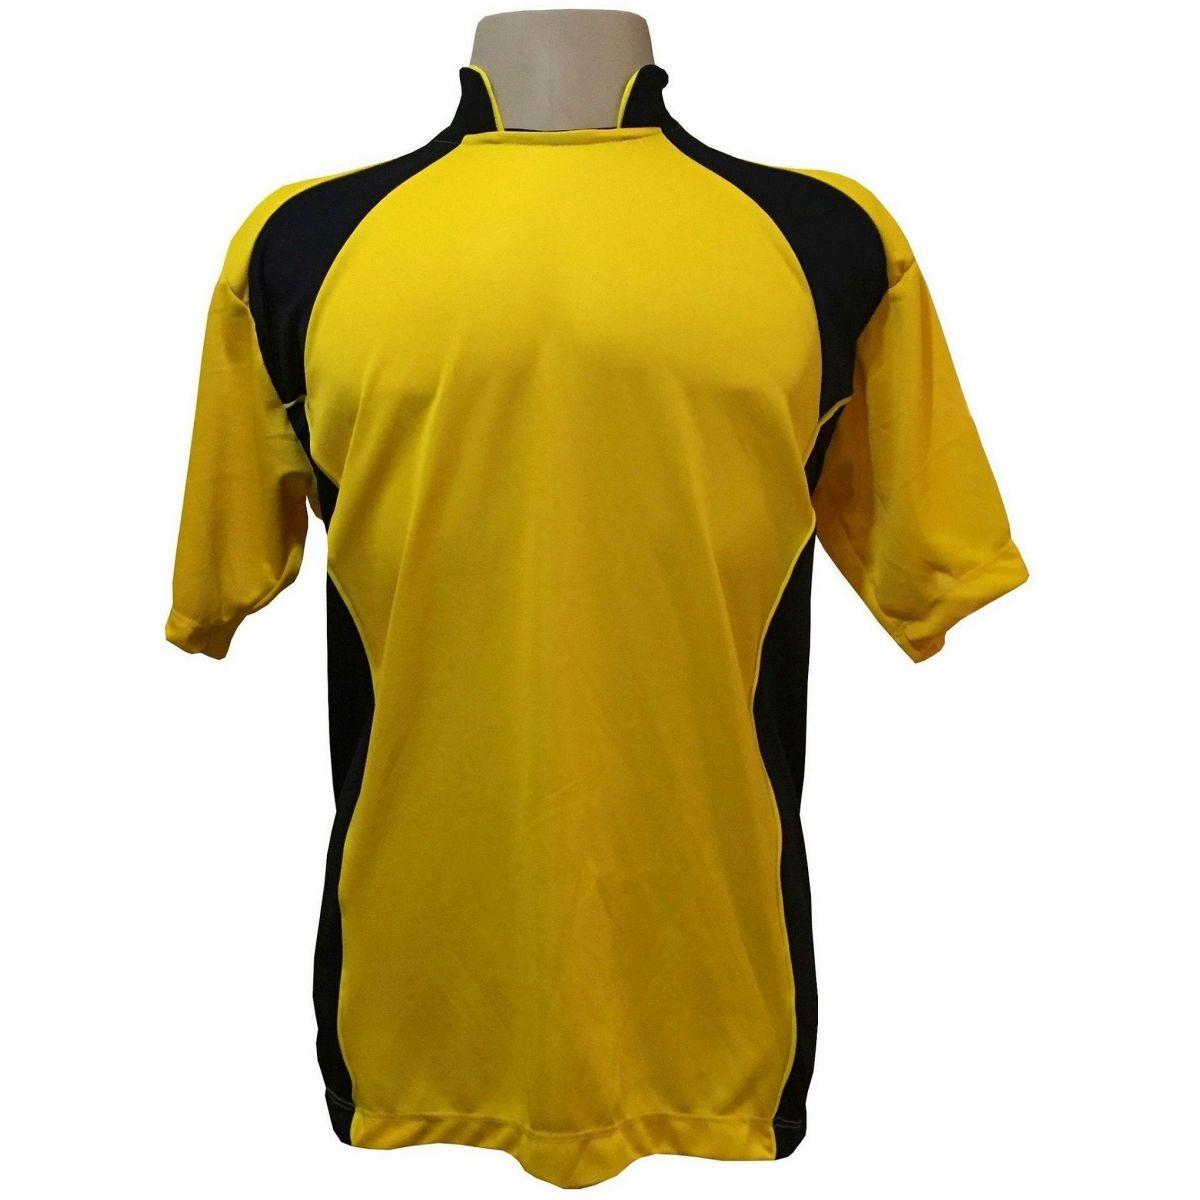 Uniforme Esportivo Completo modelo Suécia 14+1 (14 camisas Amarelo/Preto + 14 calções Madrid Preto + 14 pares de meiões Pretos + 1 conjunto de goleiro) + Brindes